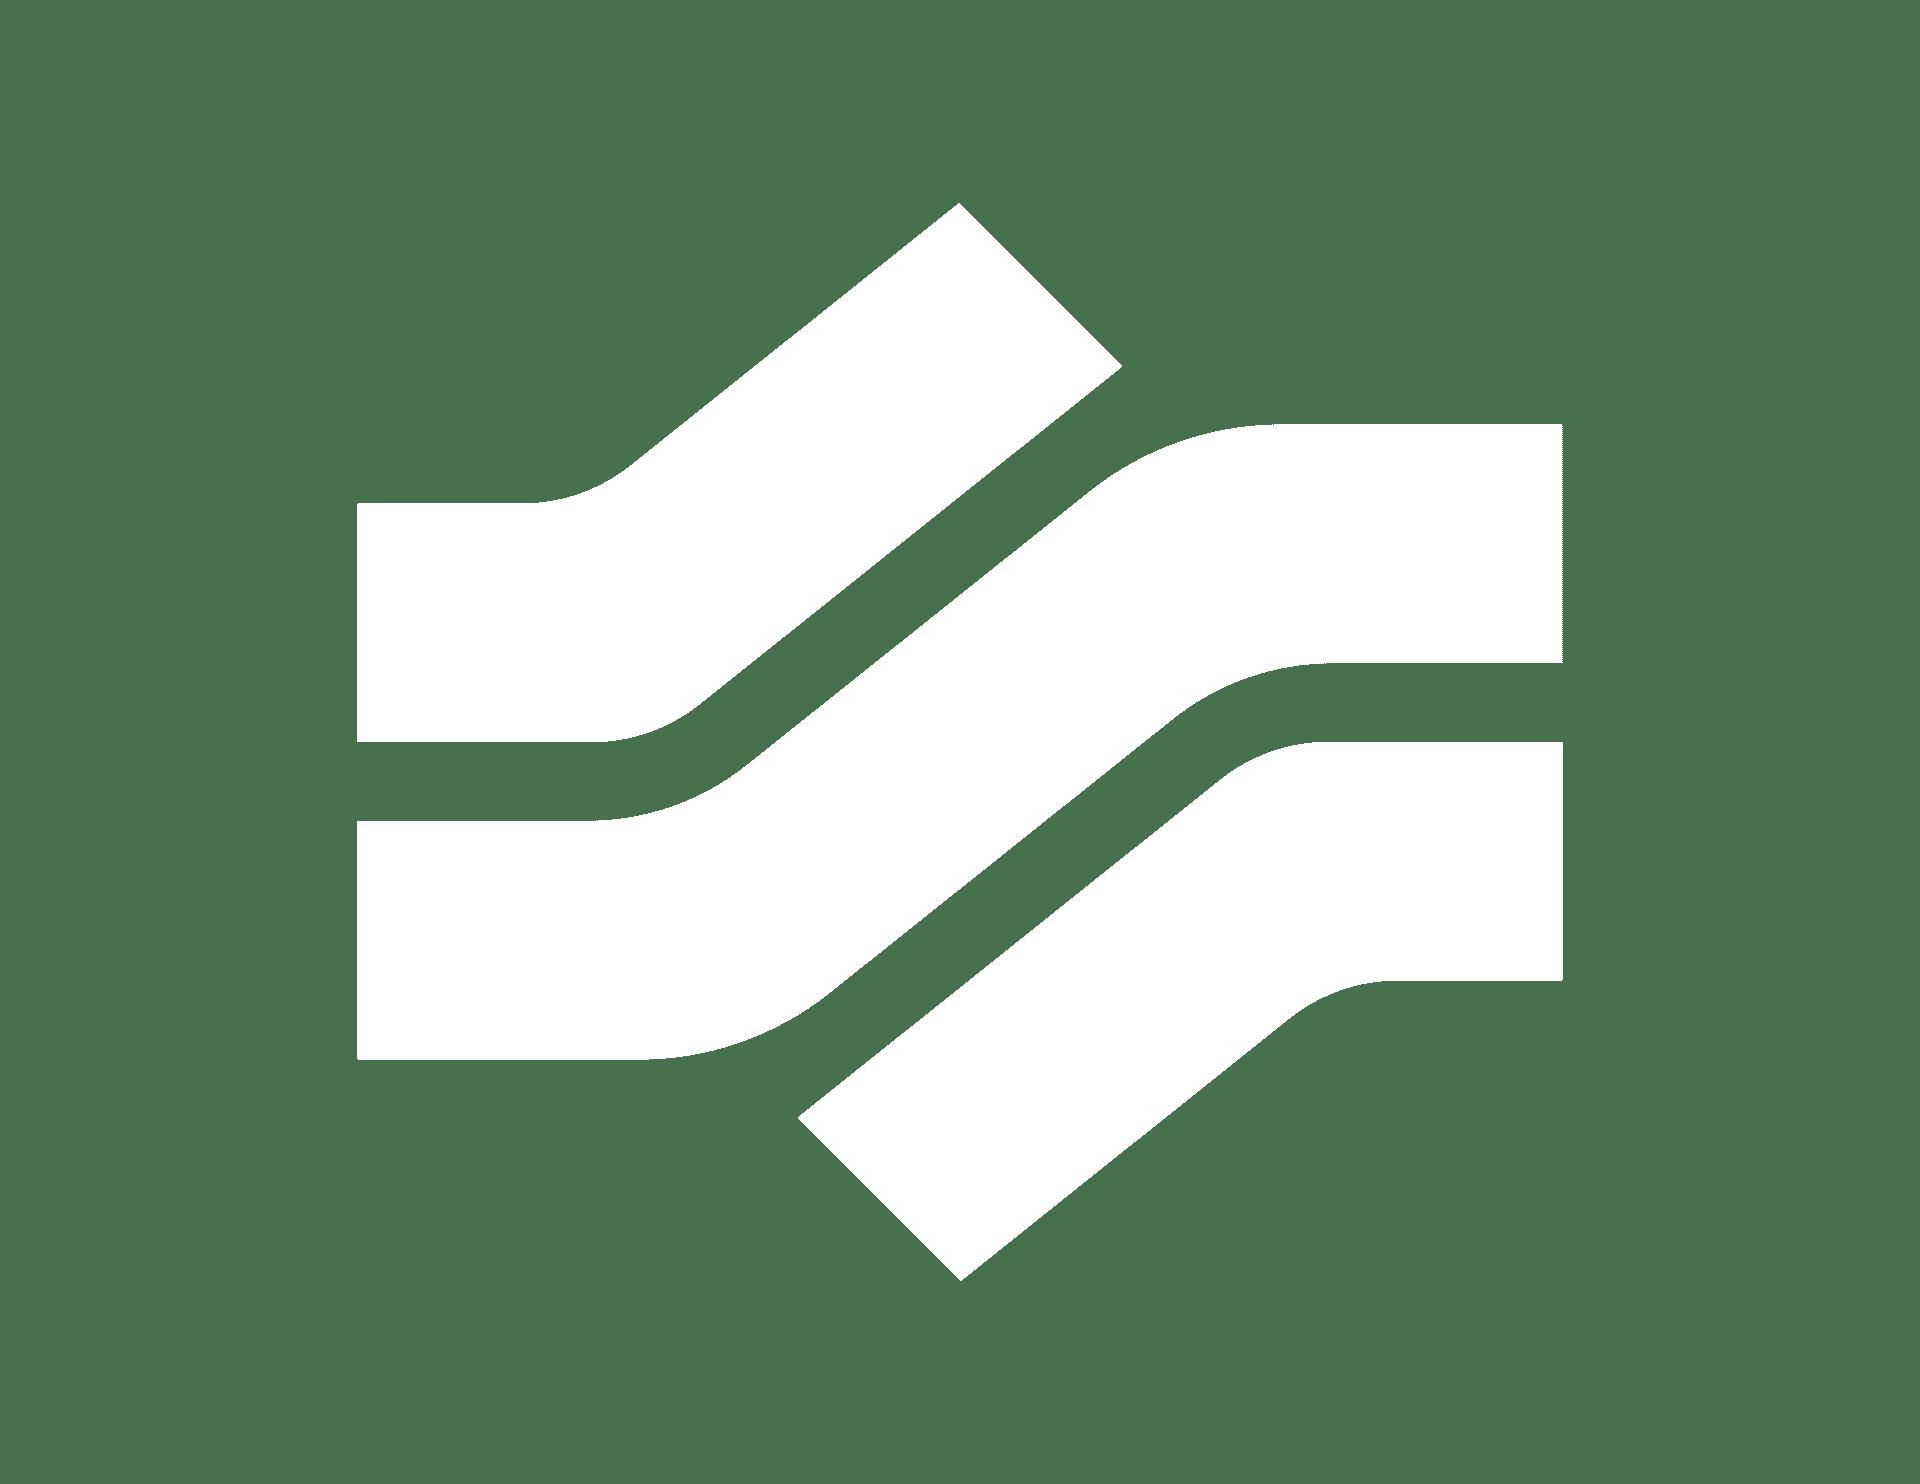 gatik_symbol_white